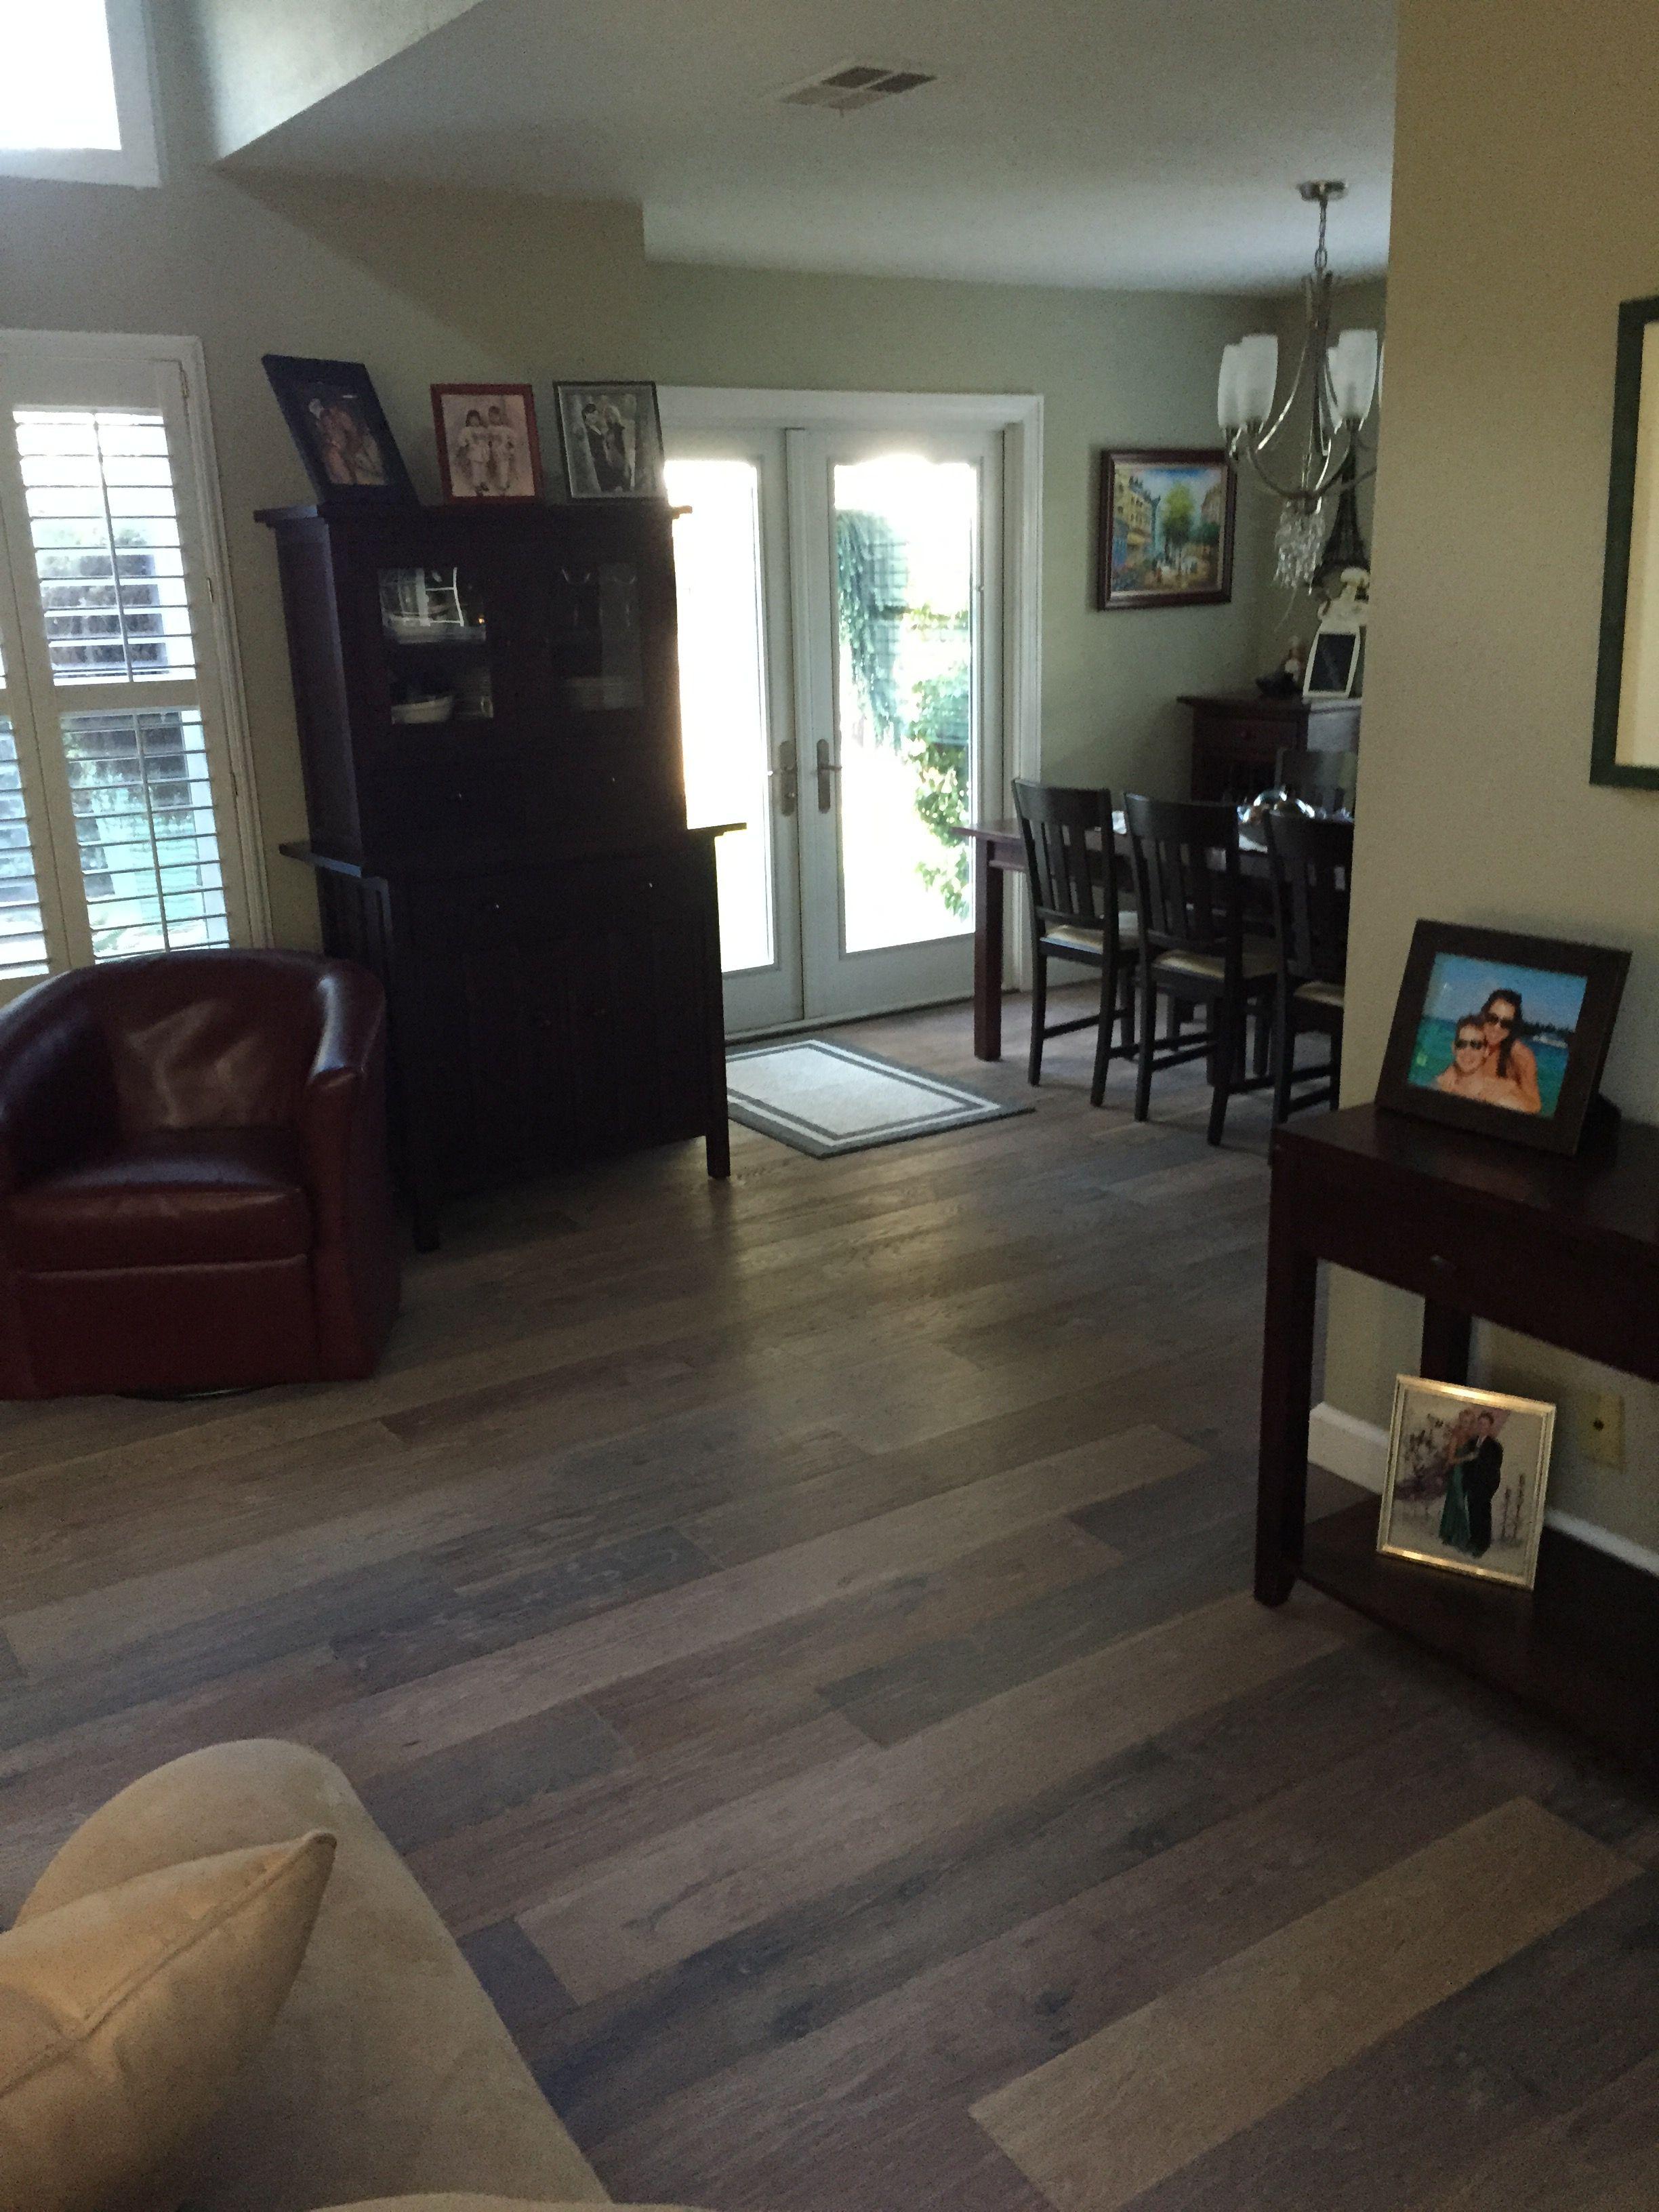 Monarch Plank Castillo Riva Engineered Hardwood Floors Installed By Precision  Flooring